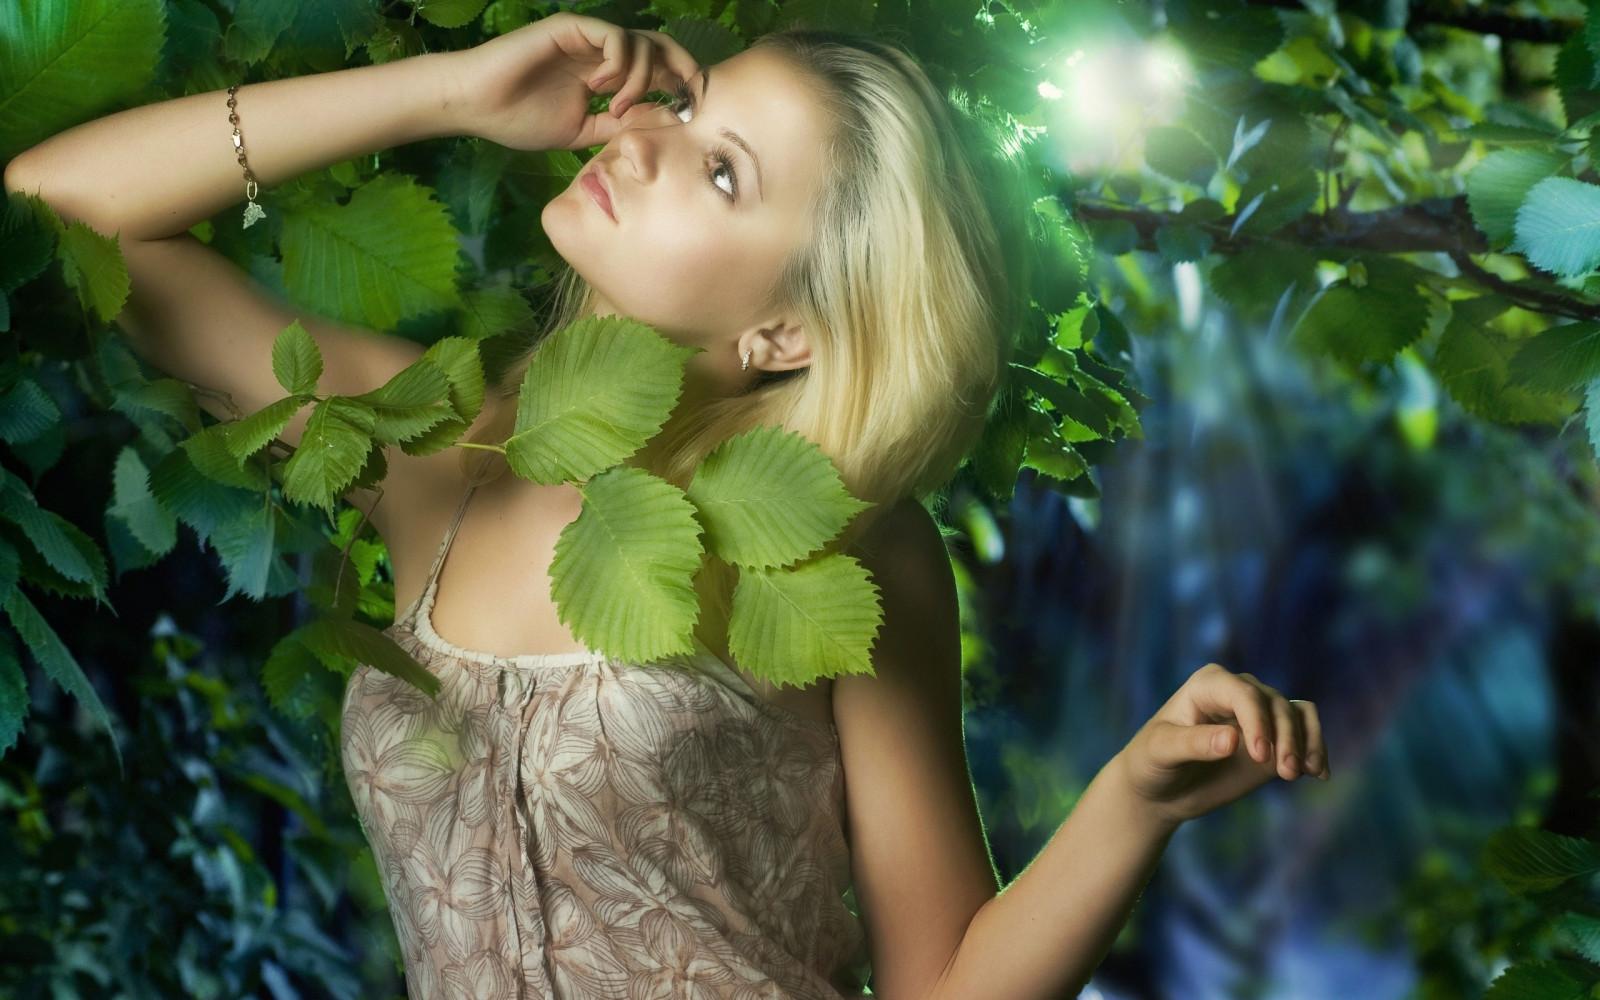 которые блондинки в джунглях фото